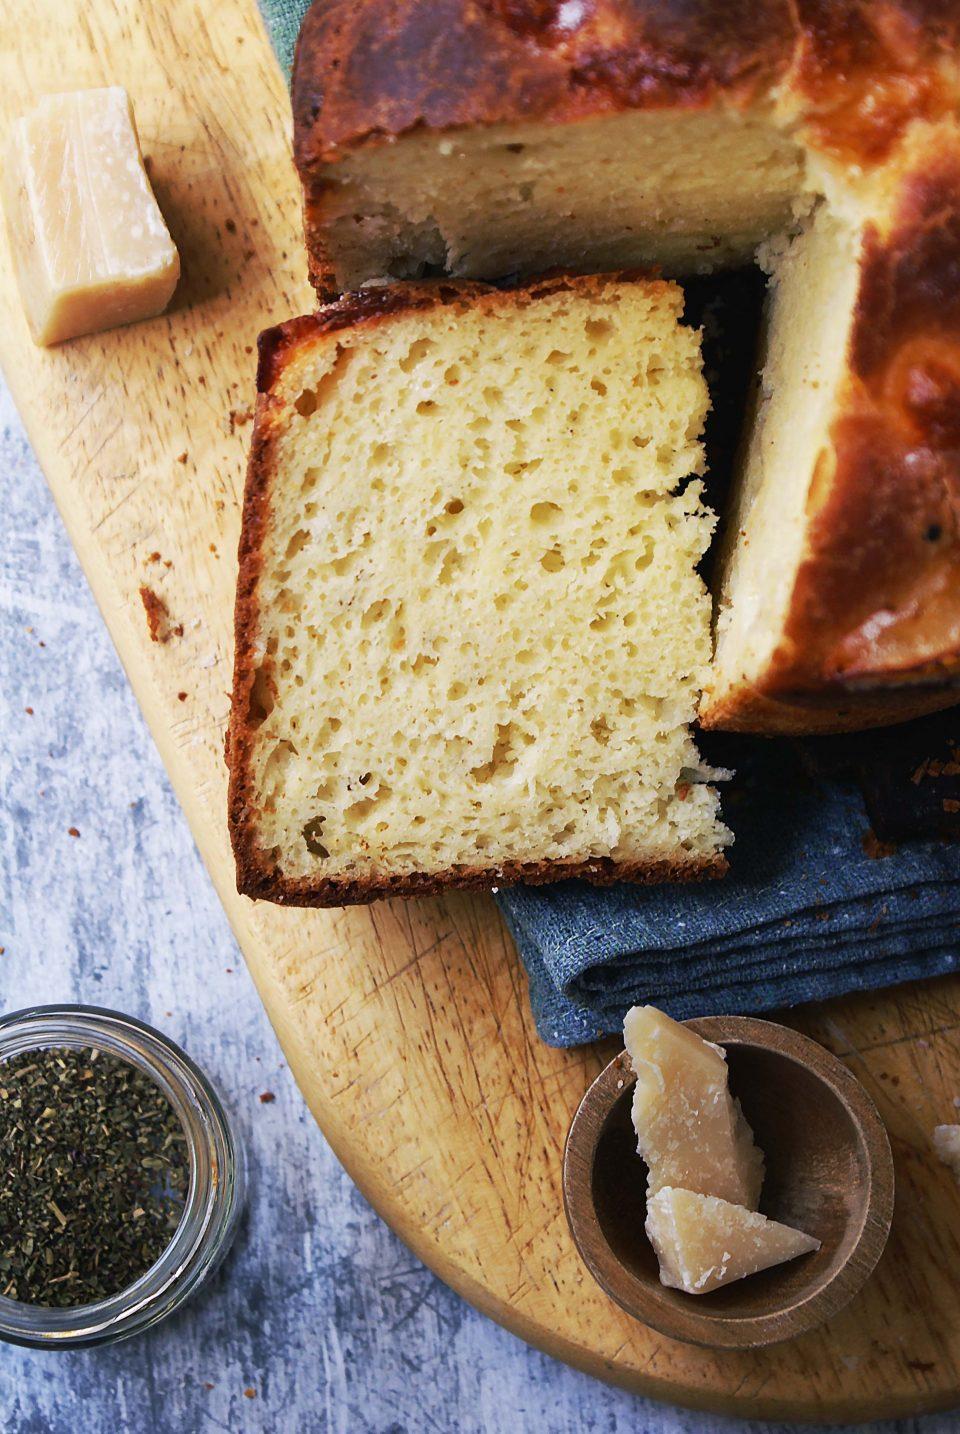 Torta al formaggio senza glutine con lievito madre